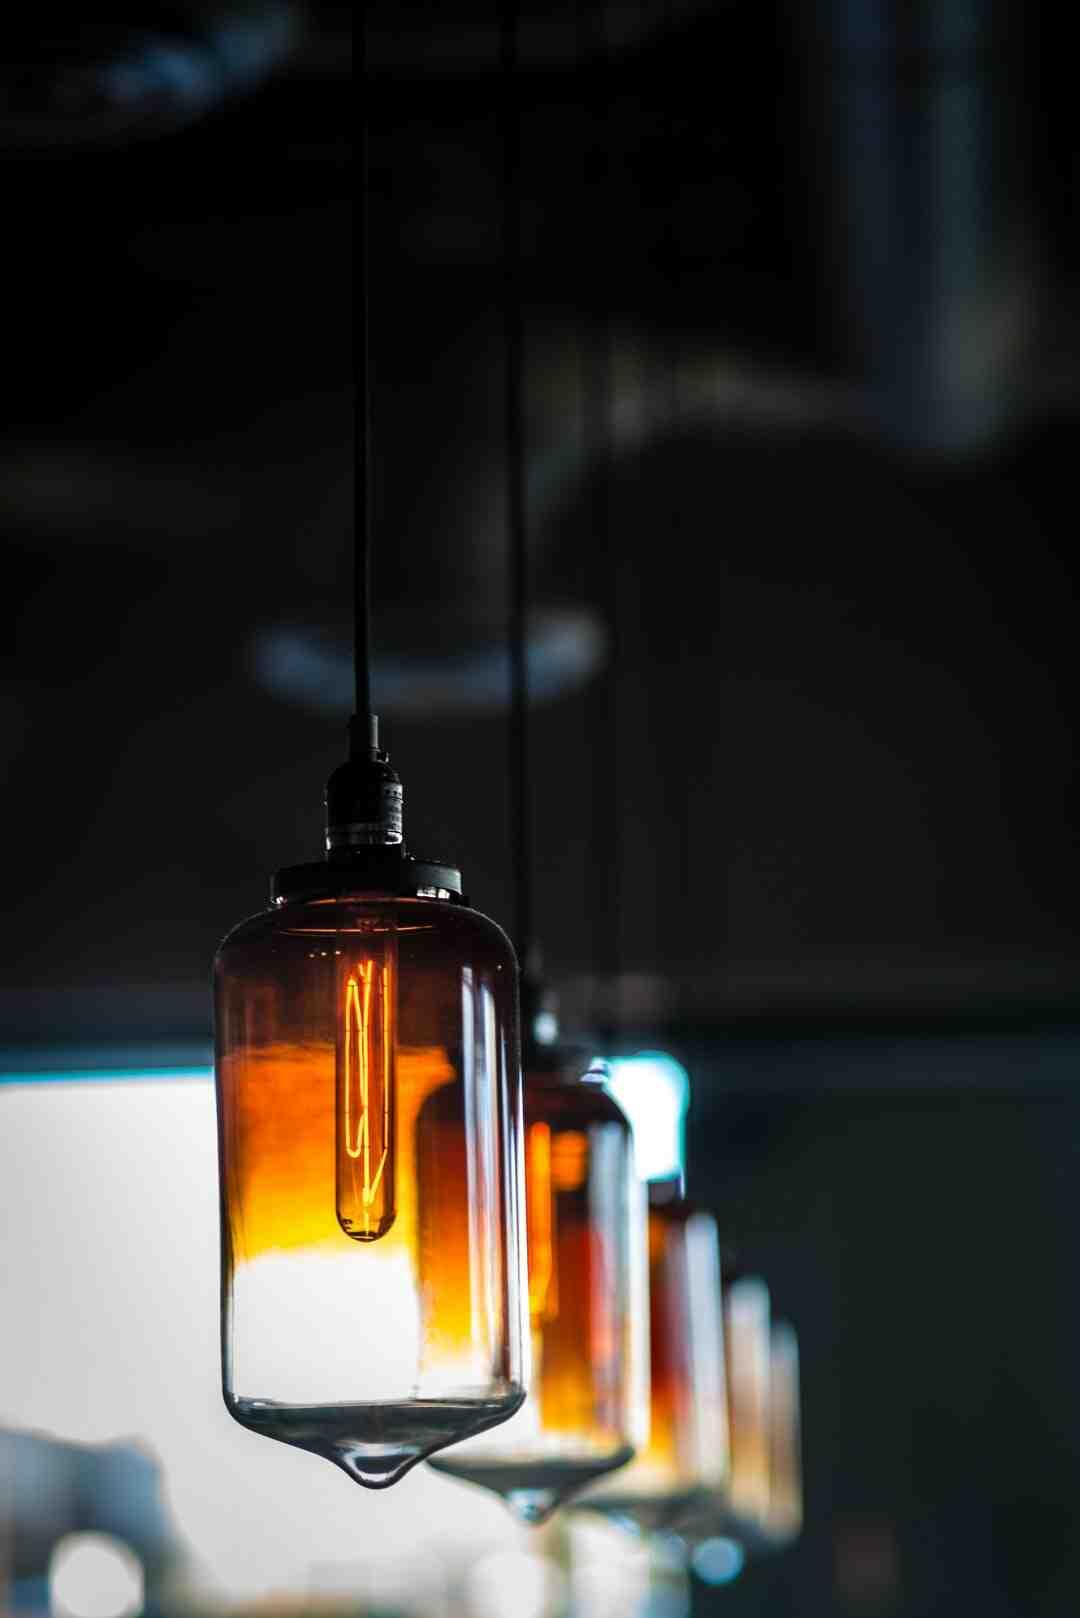 Comment calculer le nombre de kilowatts consommés par une ampoule